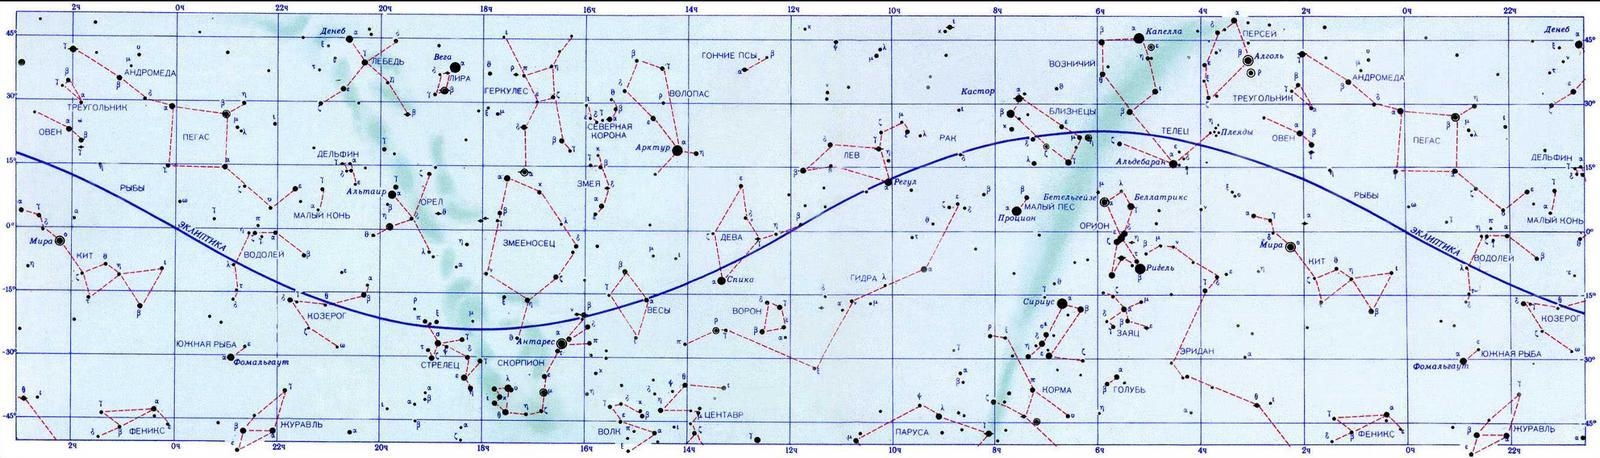 Лигния эклиптики проходит через зодиакальные созвездия.